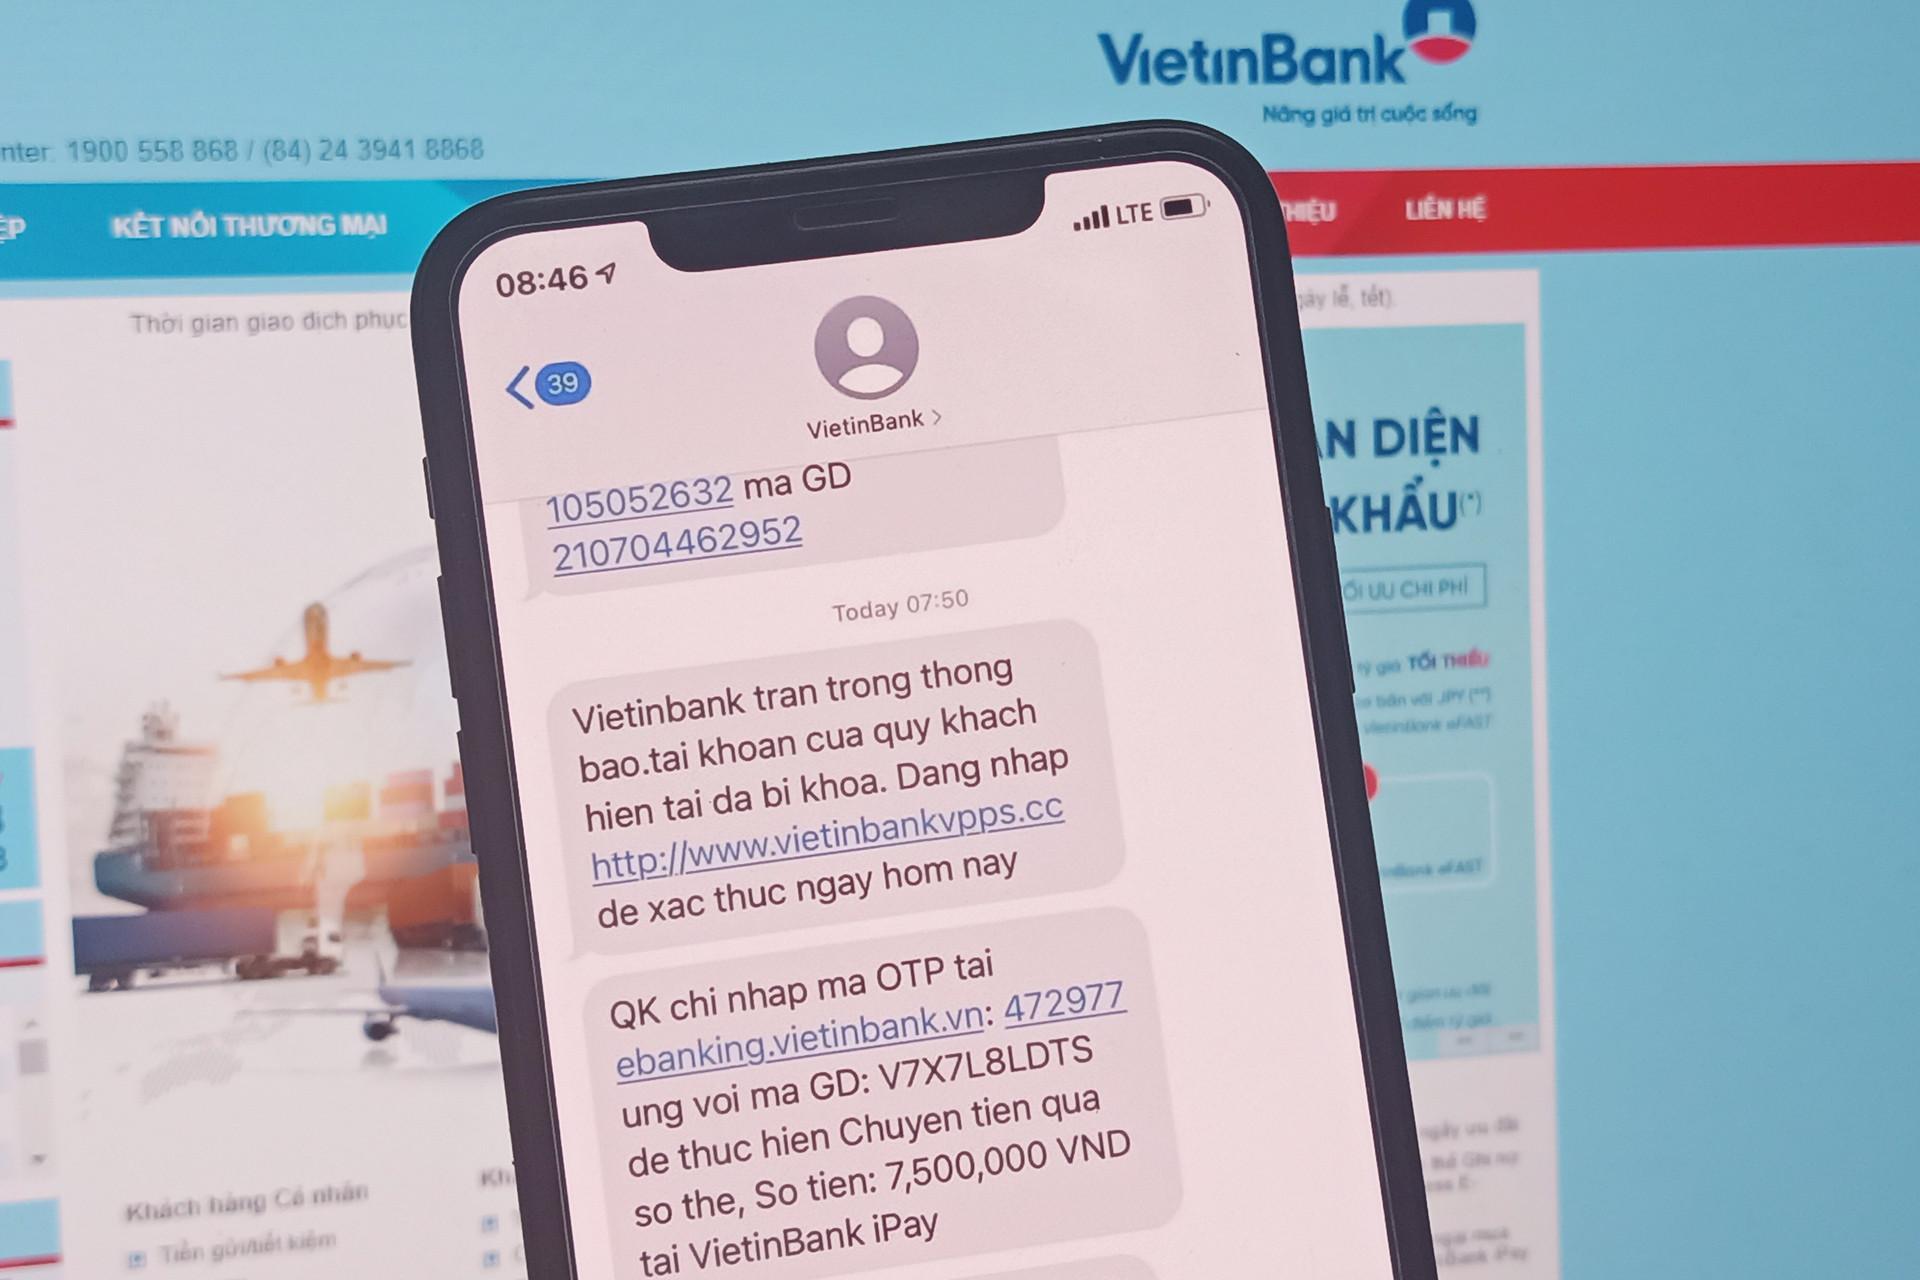 Thêm một người dùng Vietinbank bị lừa mất 7,5 triệu đồng - 1